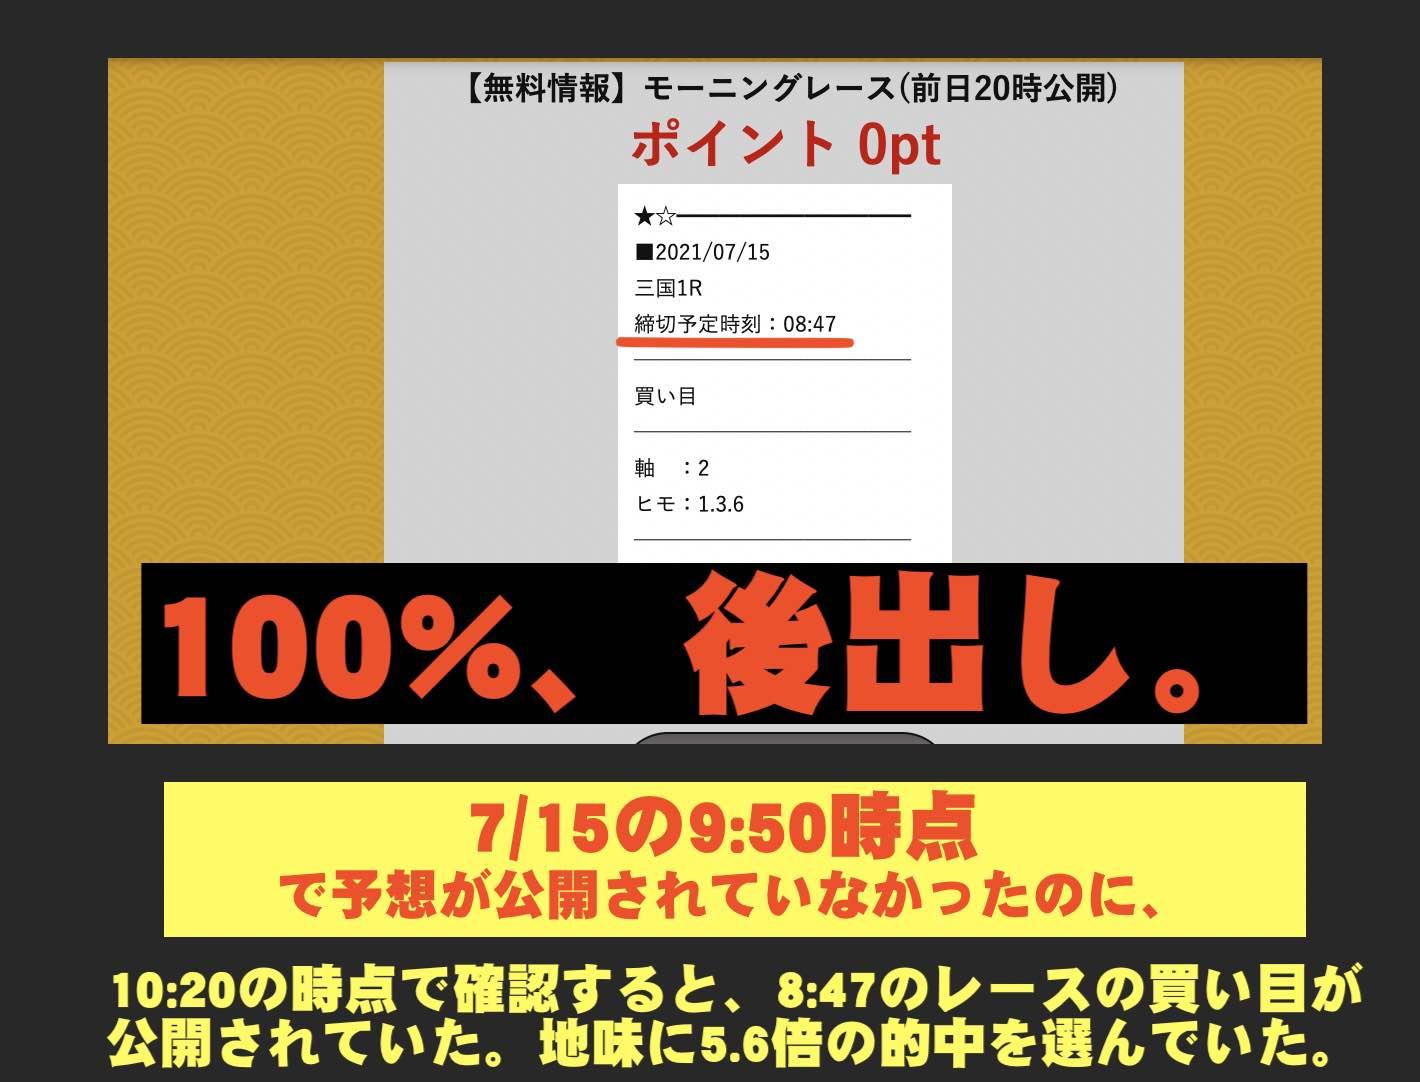 万舟JAPAN(万舟ジャパン)は後出し詐欺サイト